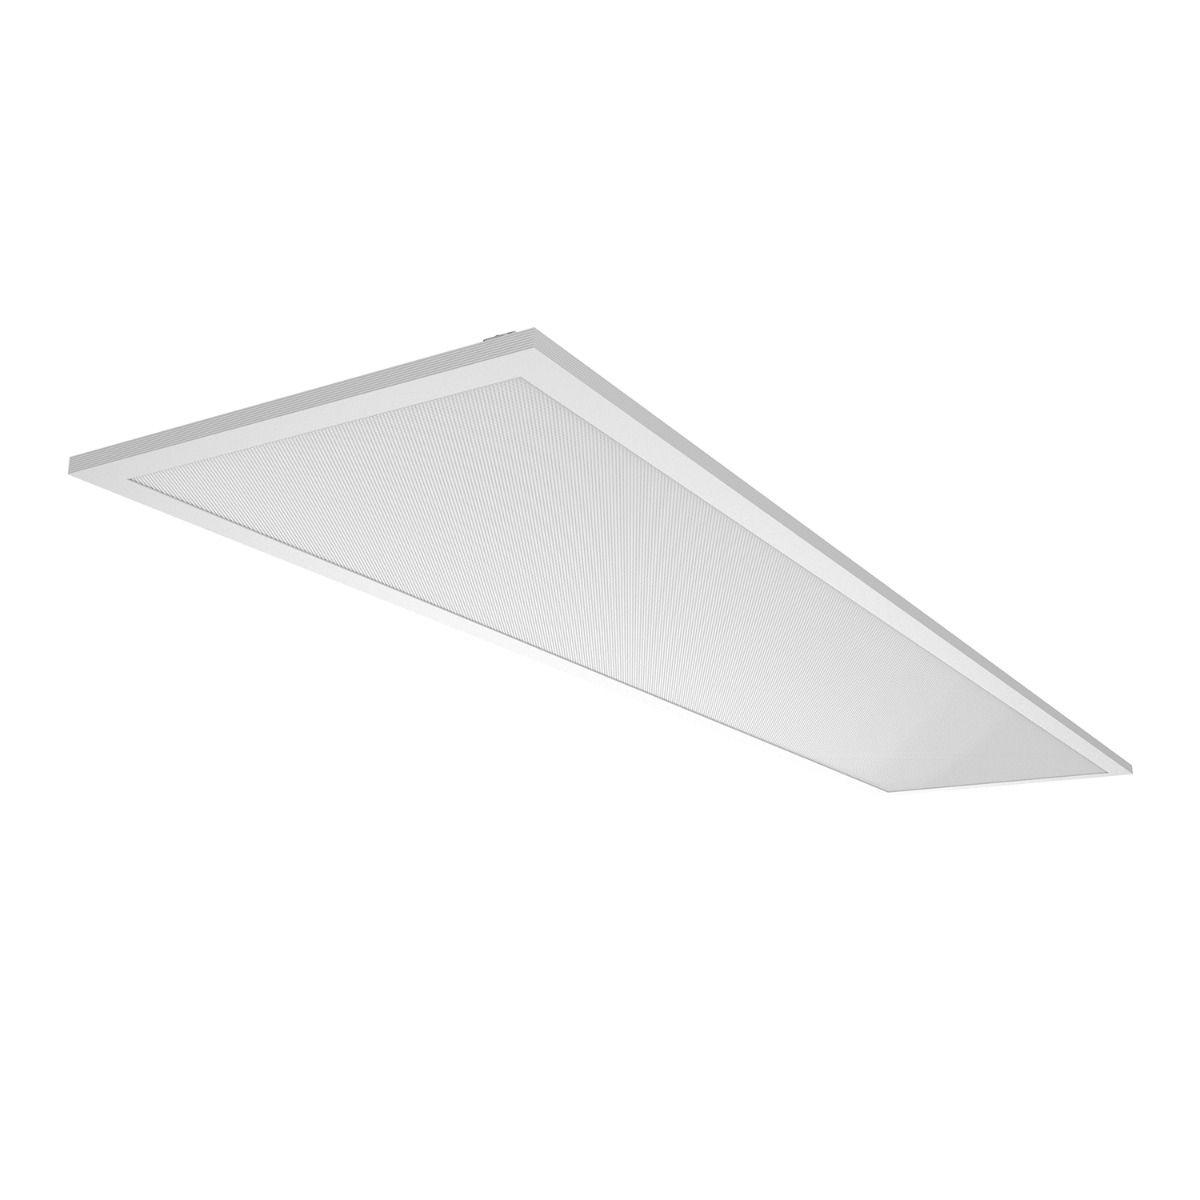 Noxion LED panel Delta Pro V3 30W 4000K 4070lm 30x120cm UGR <19 | kald hvit - erstatter 2x36W